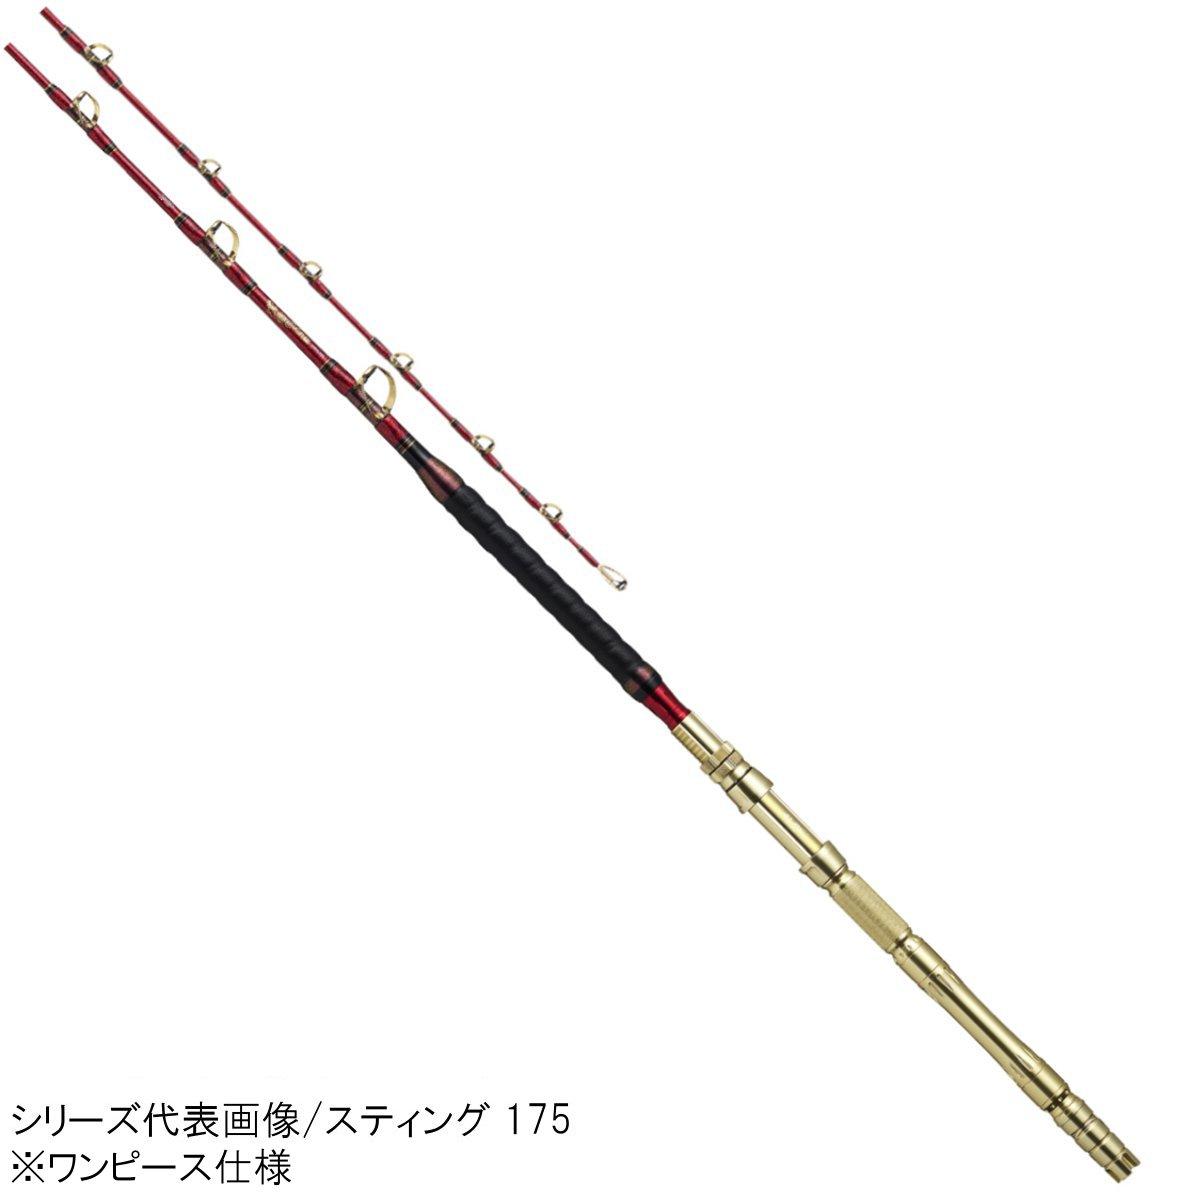 ダイワ マッドバイパー ファング 170【大型商品】